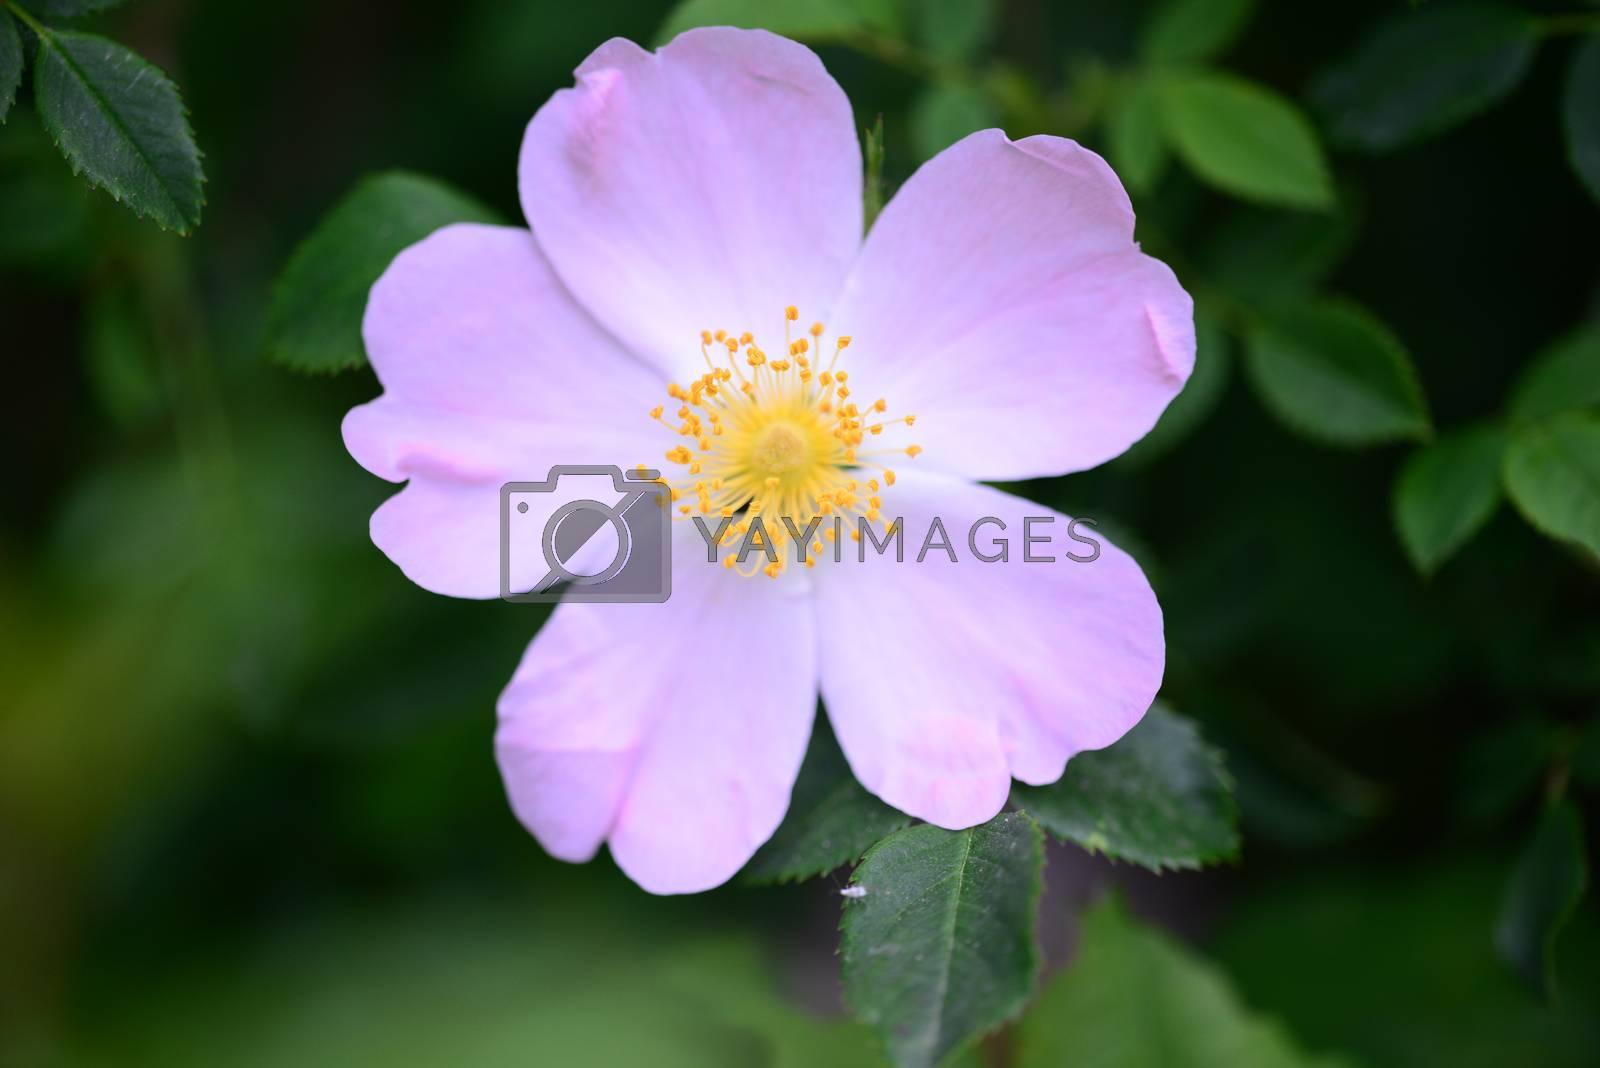 Royalty free image of Rosa Canina flower by tony4urban